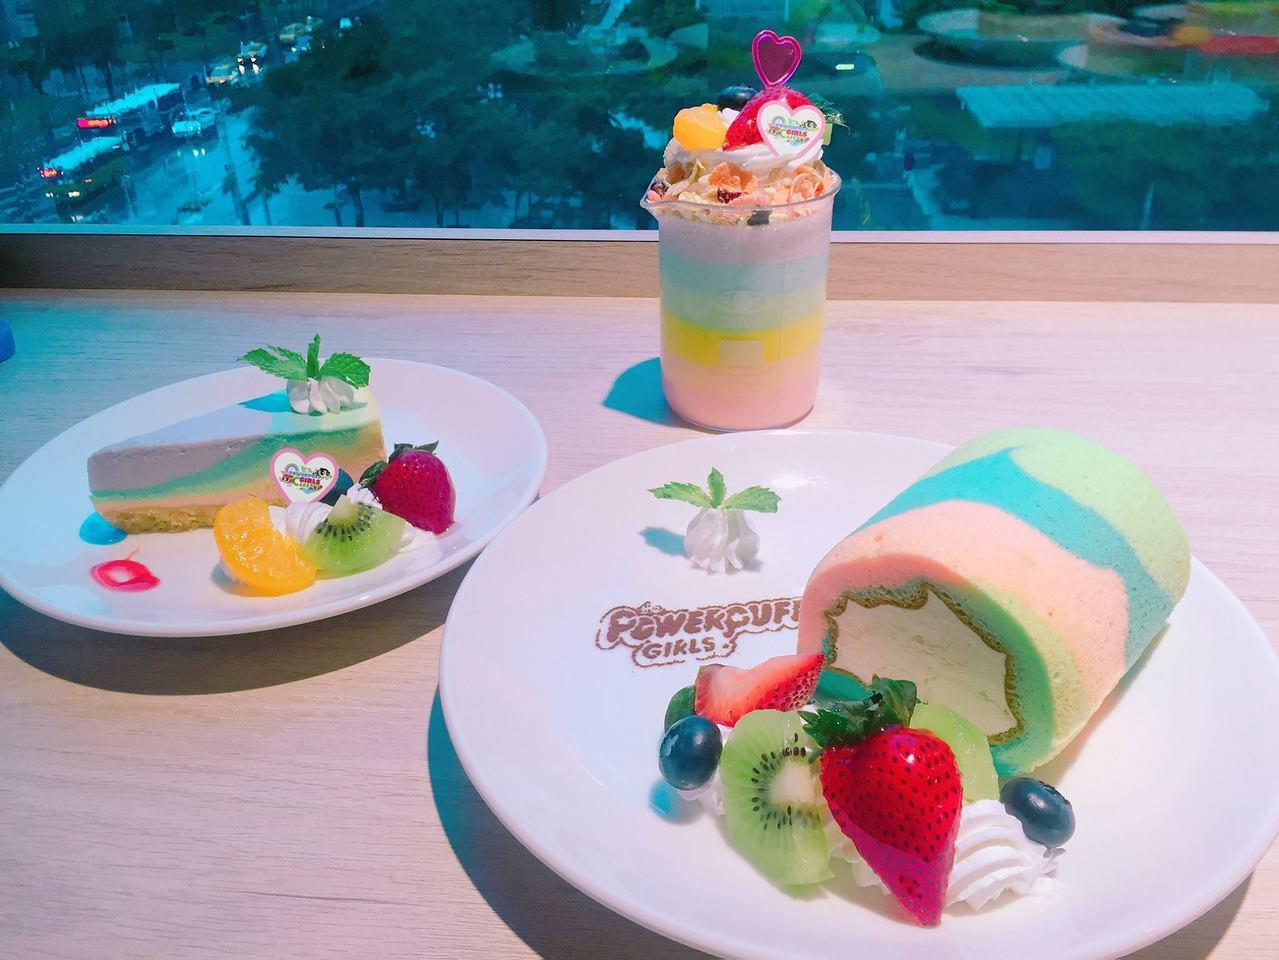 彩虹系列限定蛋糕,每日限量販售。圖/翻攝自飛天小女警主題餐廳粉絲頁